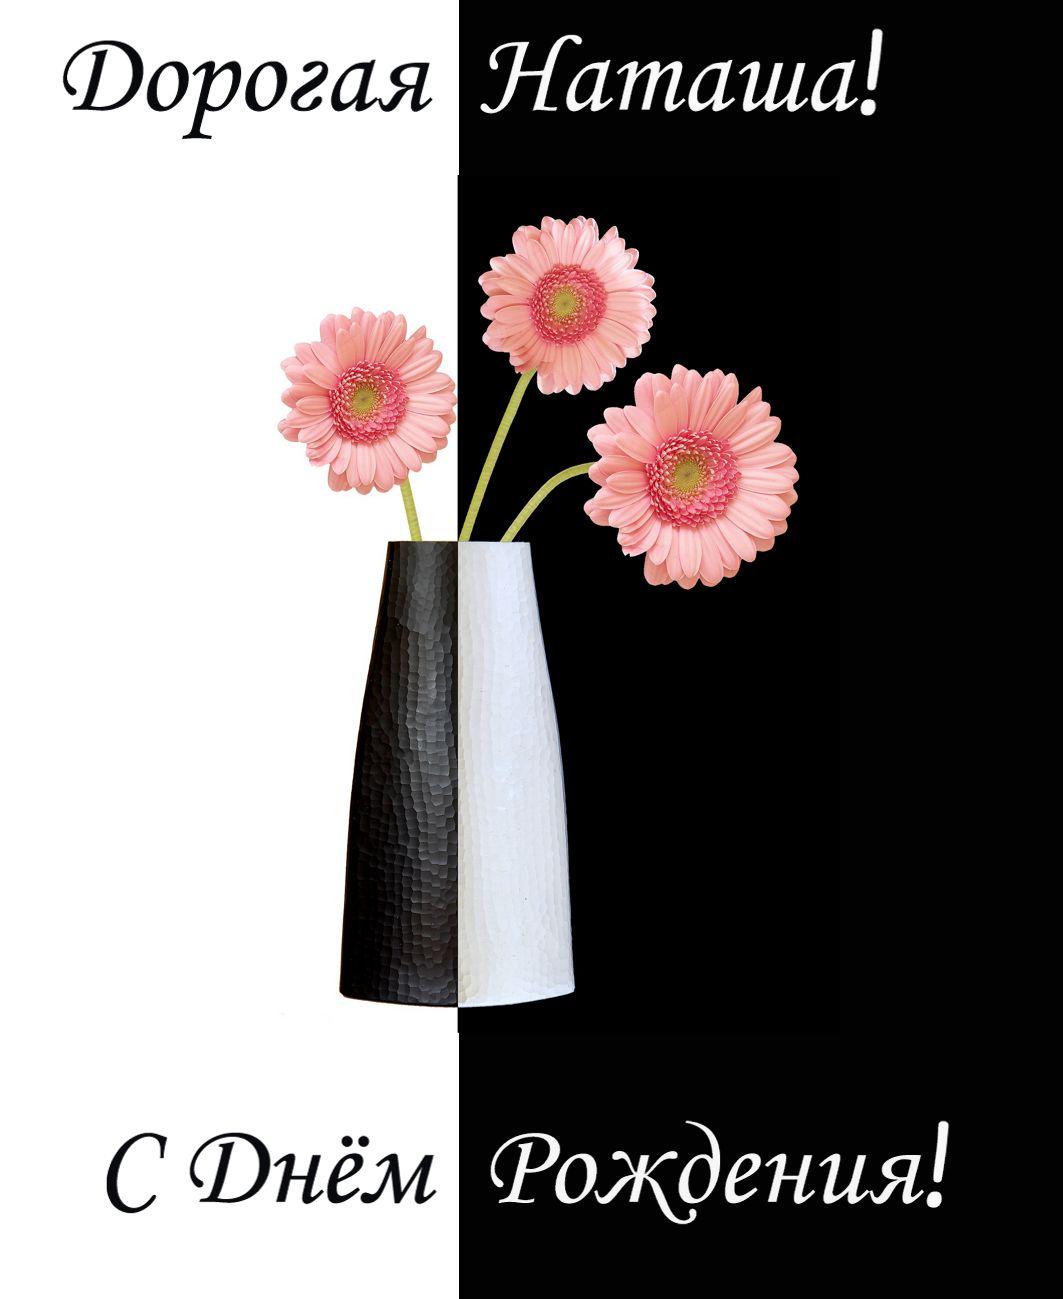 открытка - цветы в вазе на контрастном черно-белом фоне